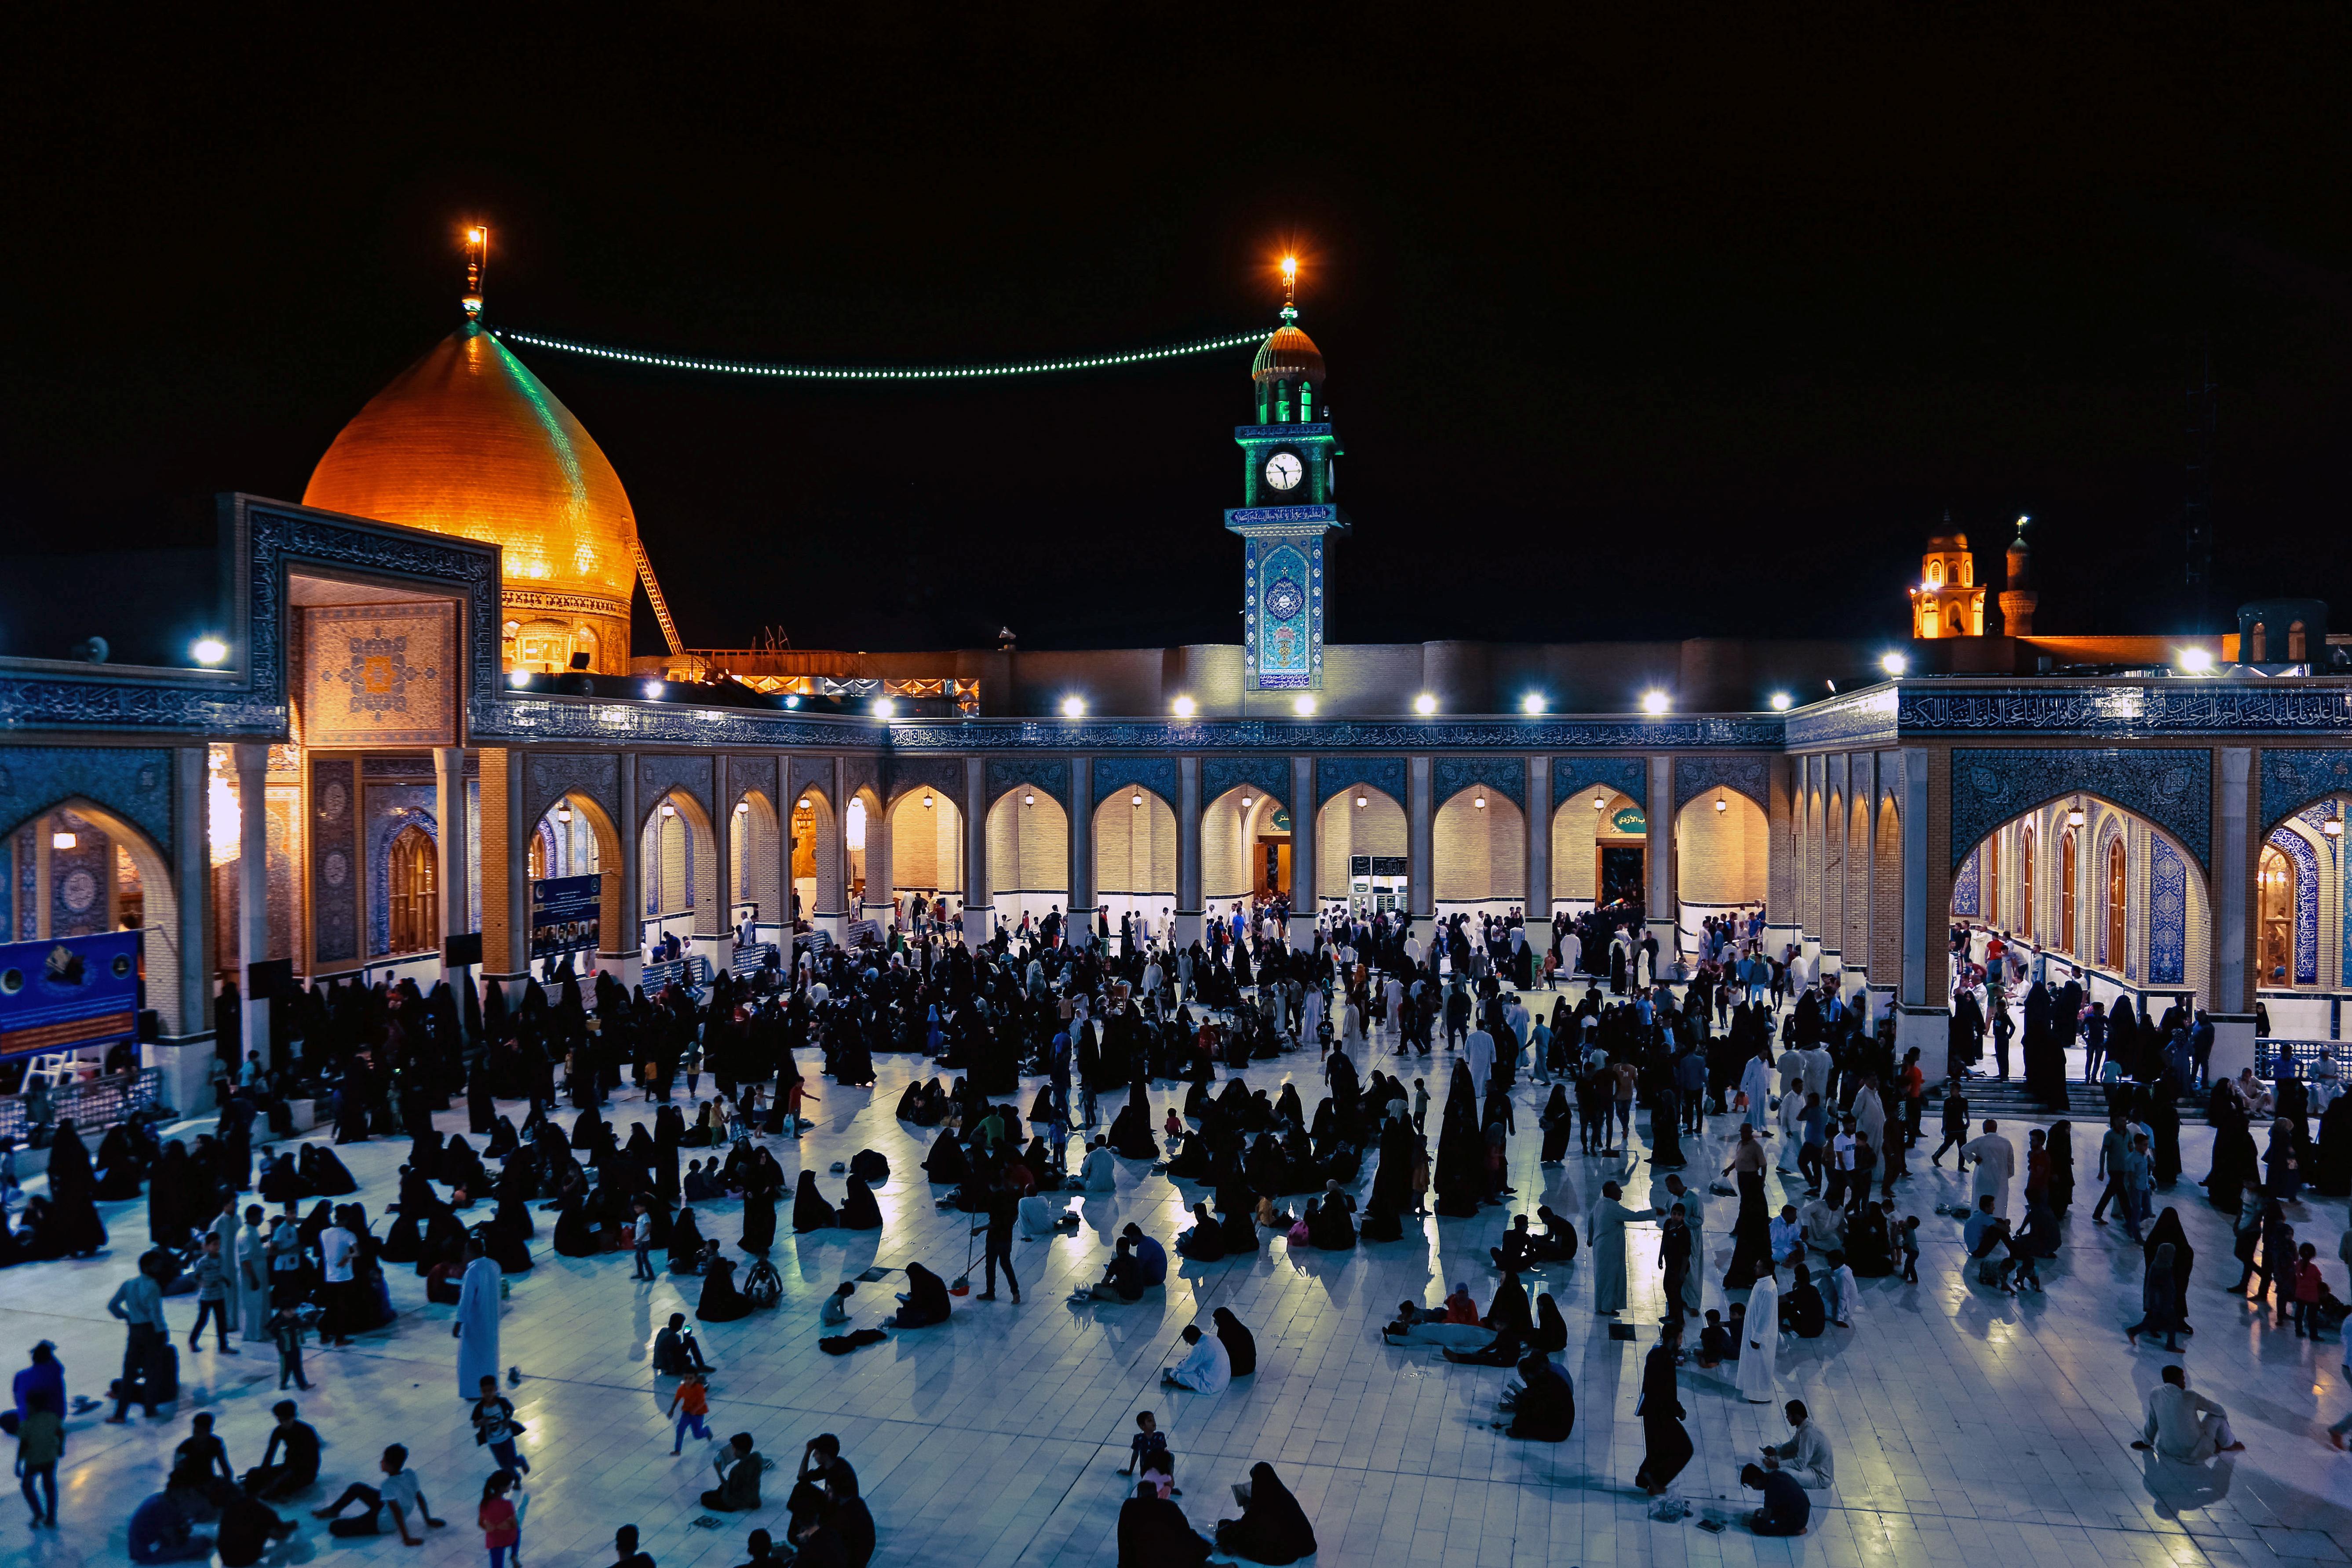 عراقيون في أحد المساجد في أواخر ليالي رمضان